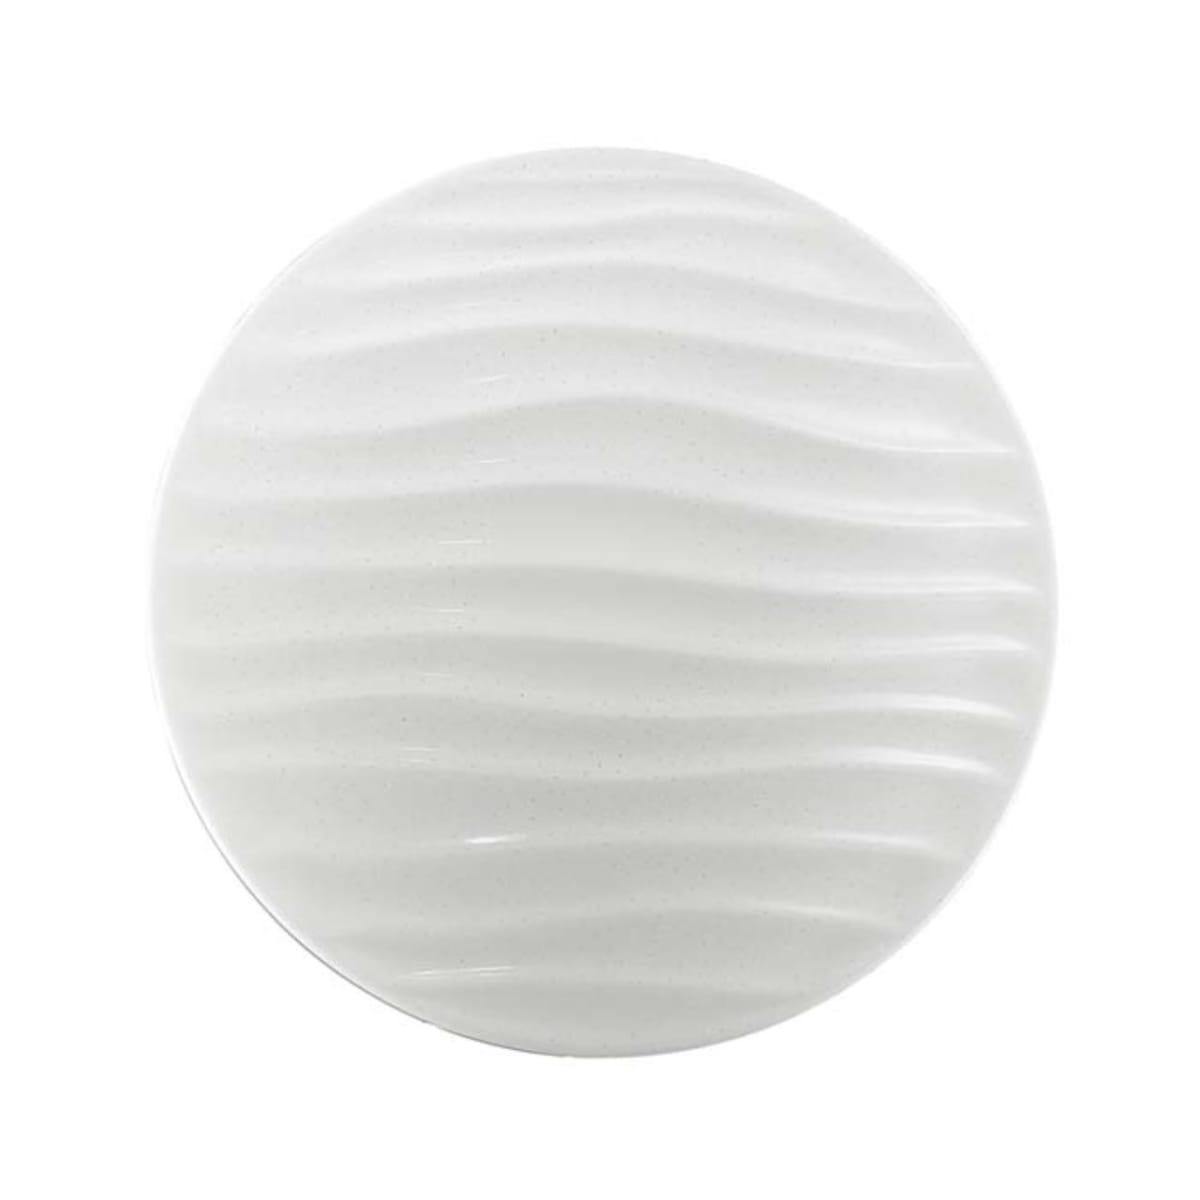 Светильник настенно-потолочный светодиодный Sonex WAVE 2040/EL Изменение оттенков белого 23 м² цвет белый